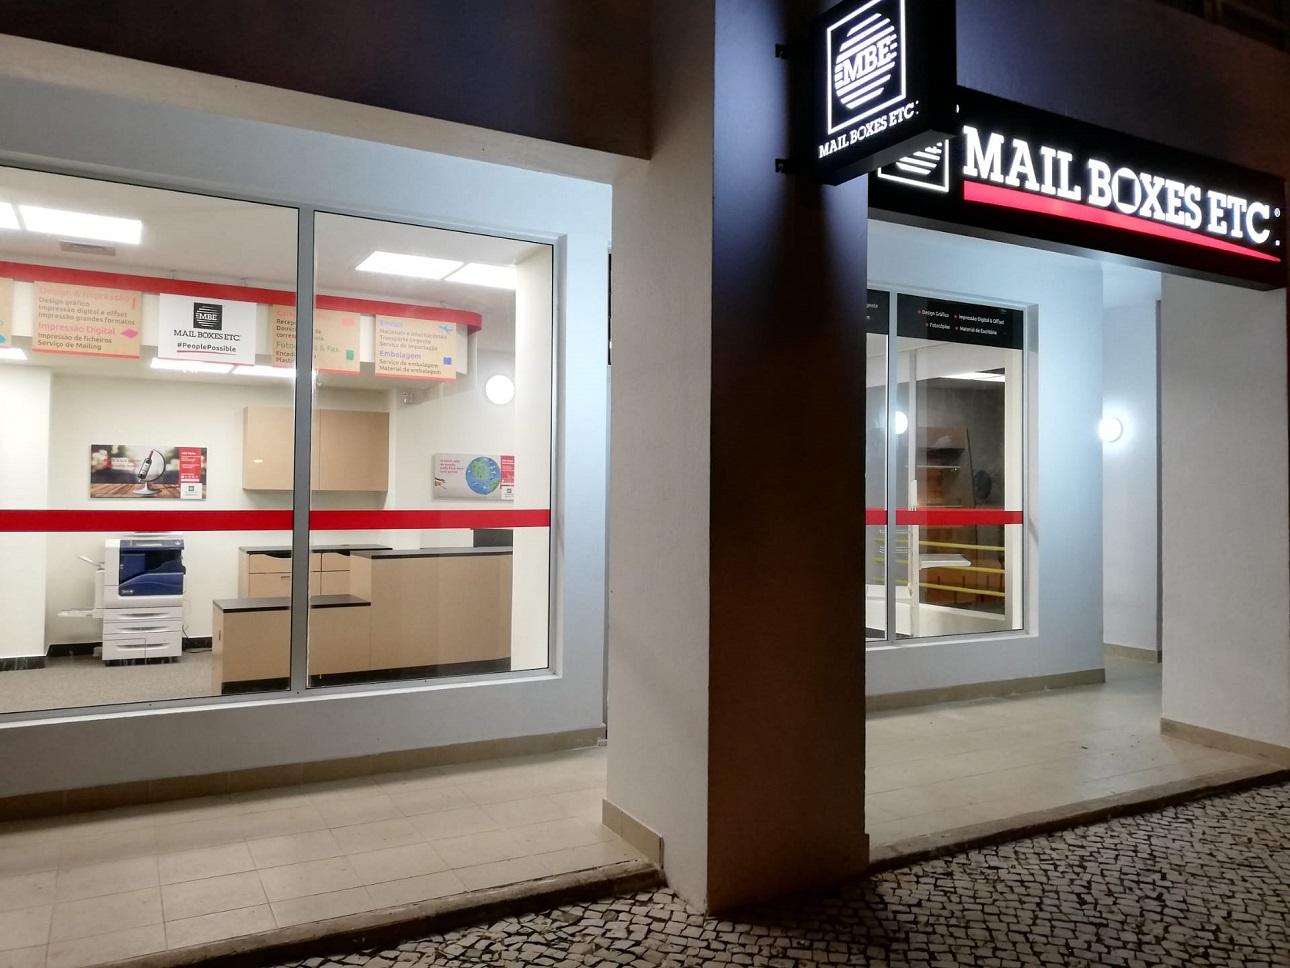 Franchising Mail Boxes Etc. abre centro de serviços no Algarve